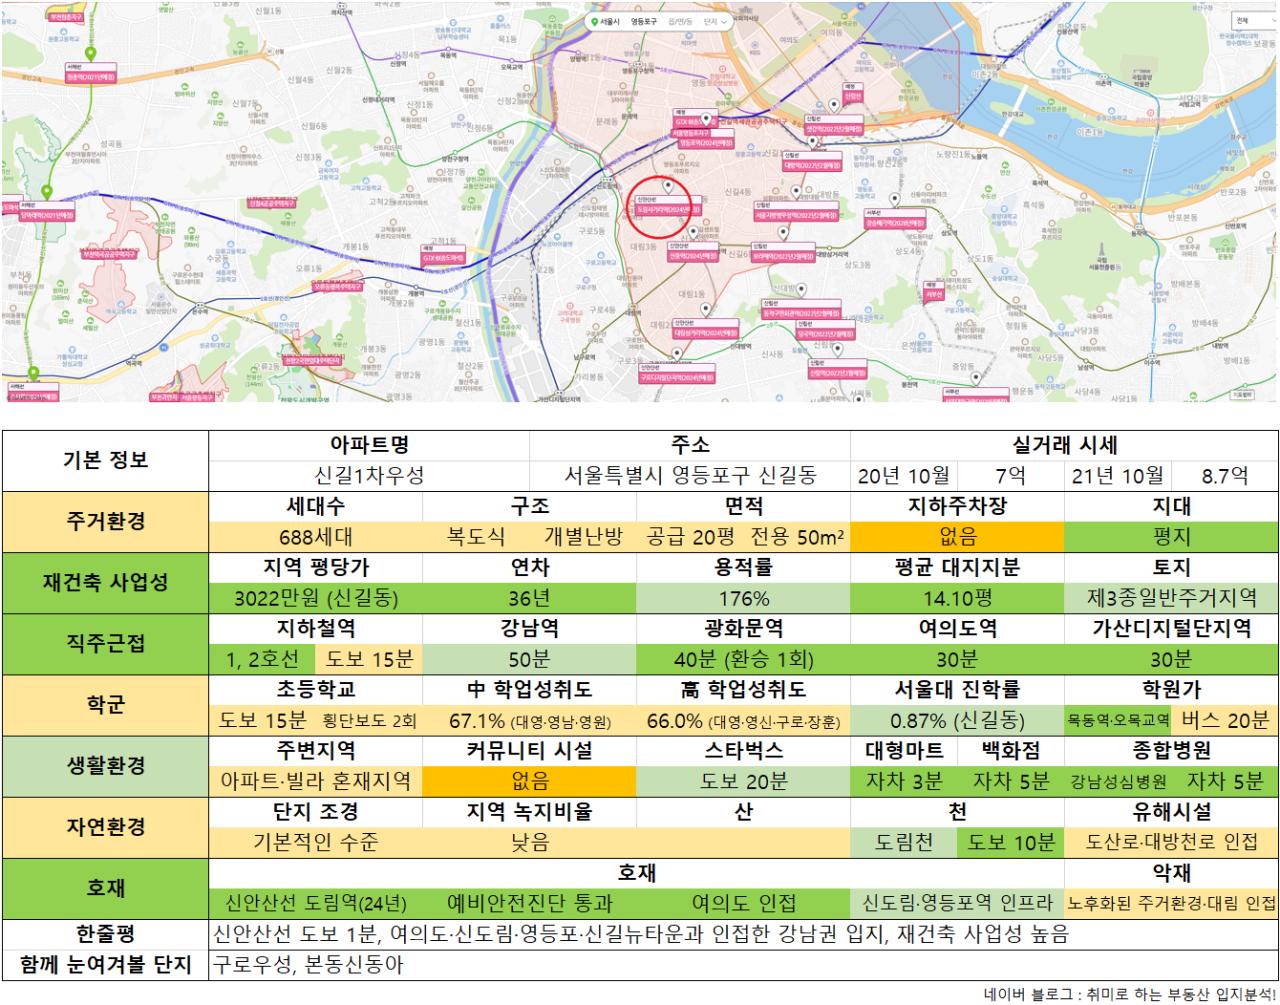 10_신길1차우성.png 수도권 9억 이하 아파트 추천 (ver. 21년 10월)